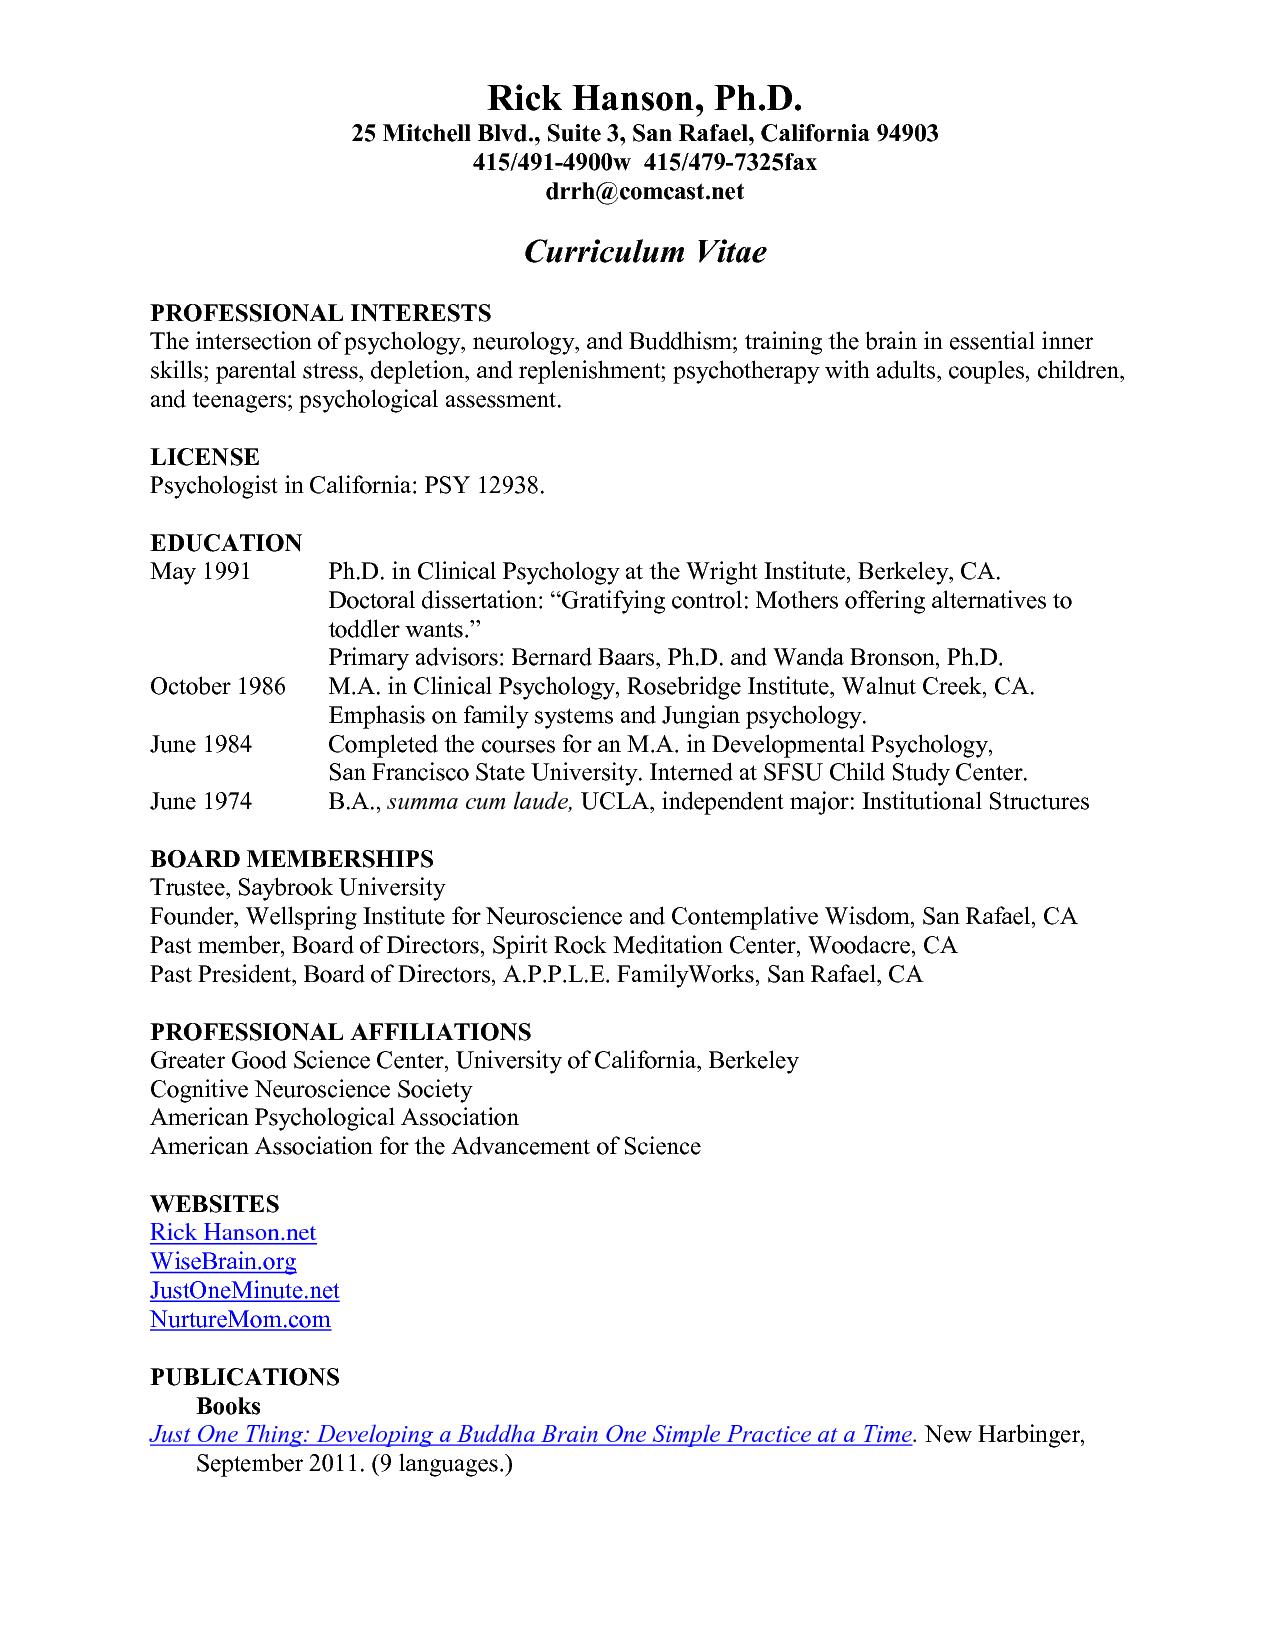 Cv Builder Nz Planner Template Free